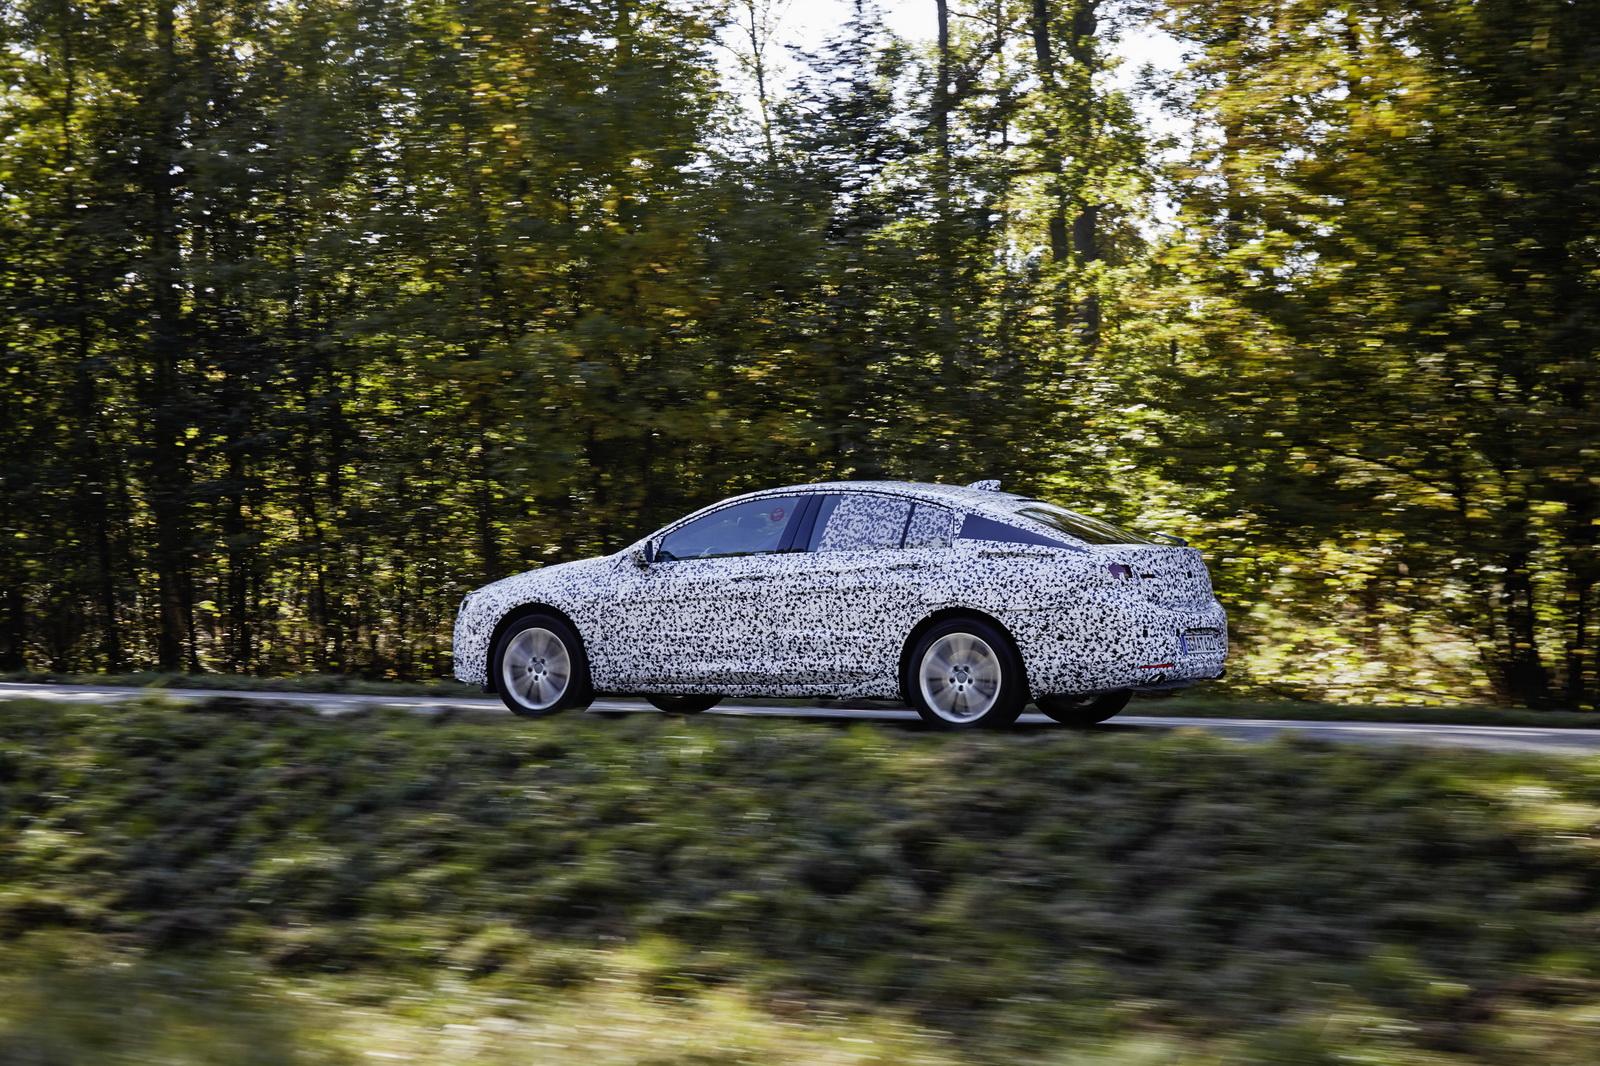 Más ligero y ágil: Así será el nuevo Insignia Grand Sport desarrollado en Nürburgring 2